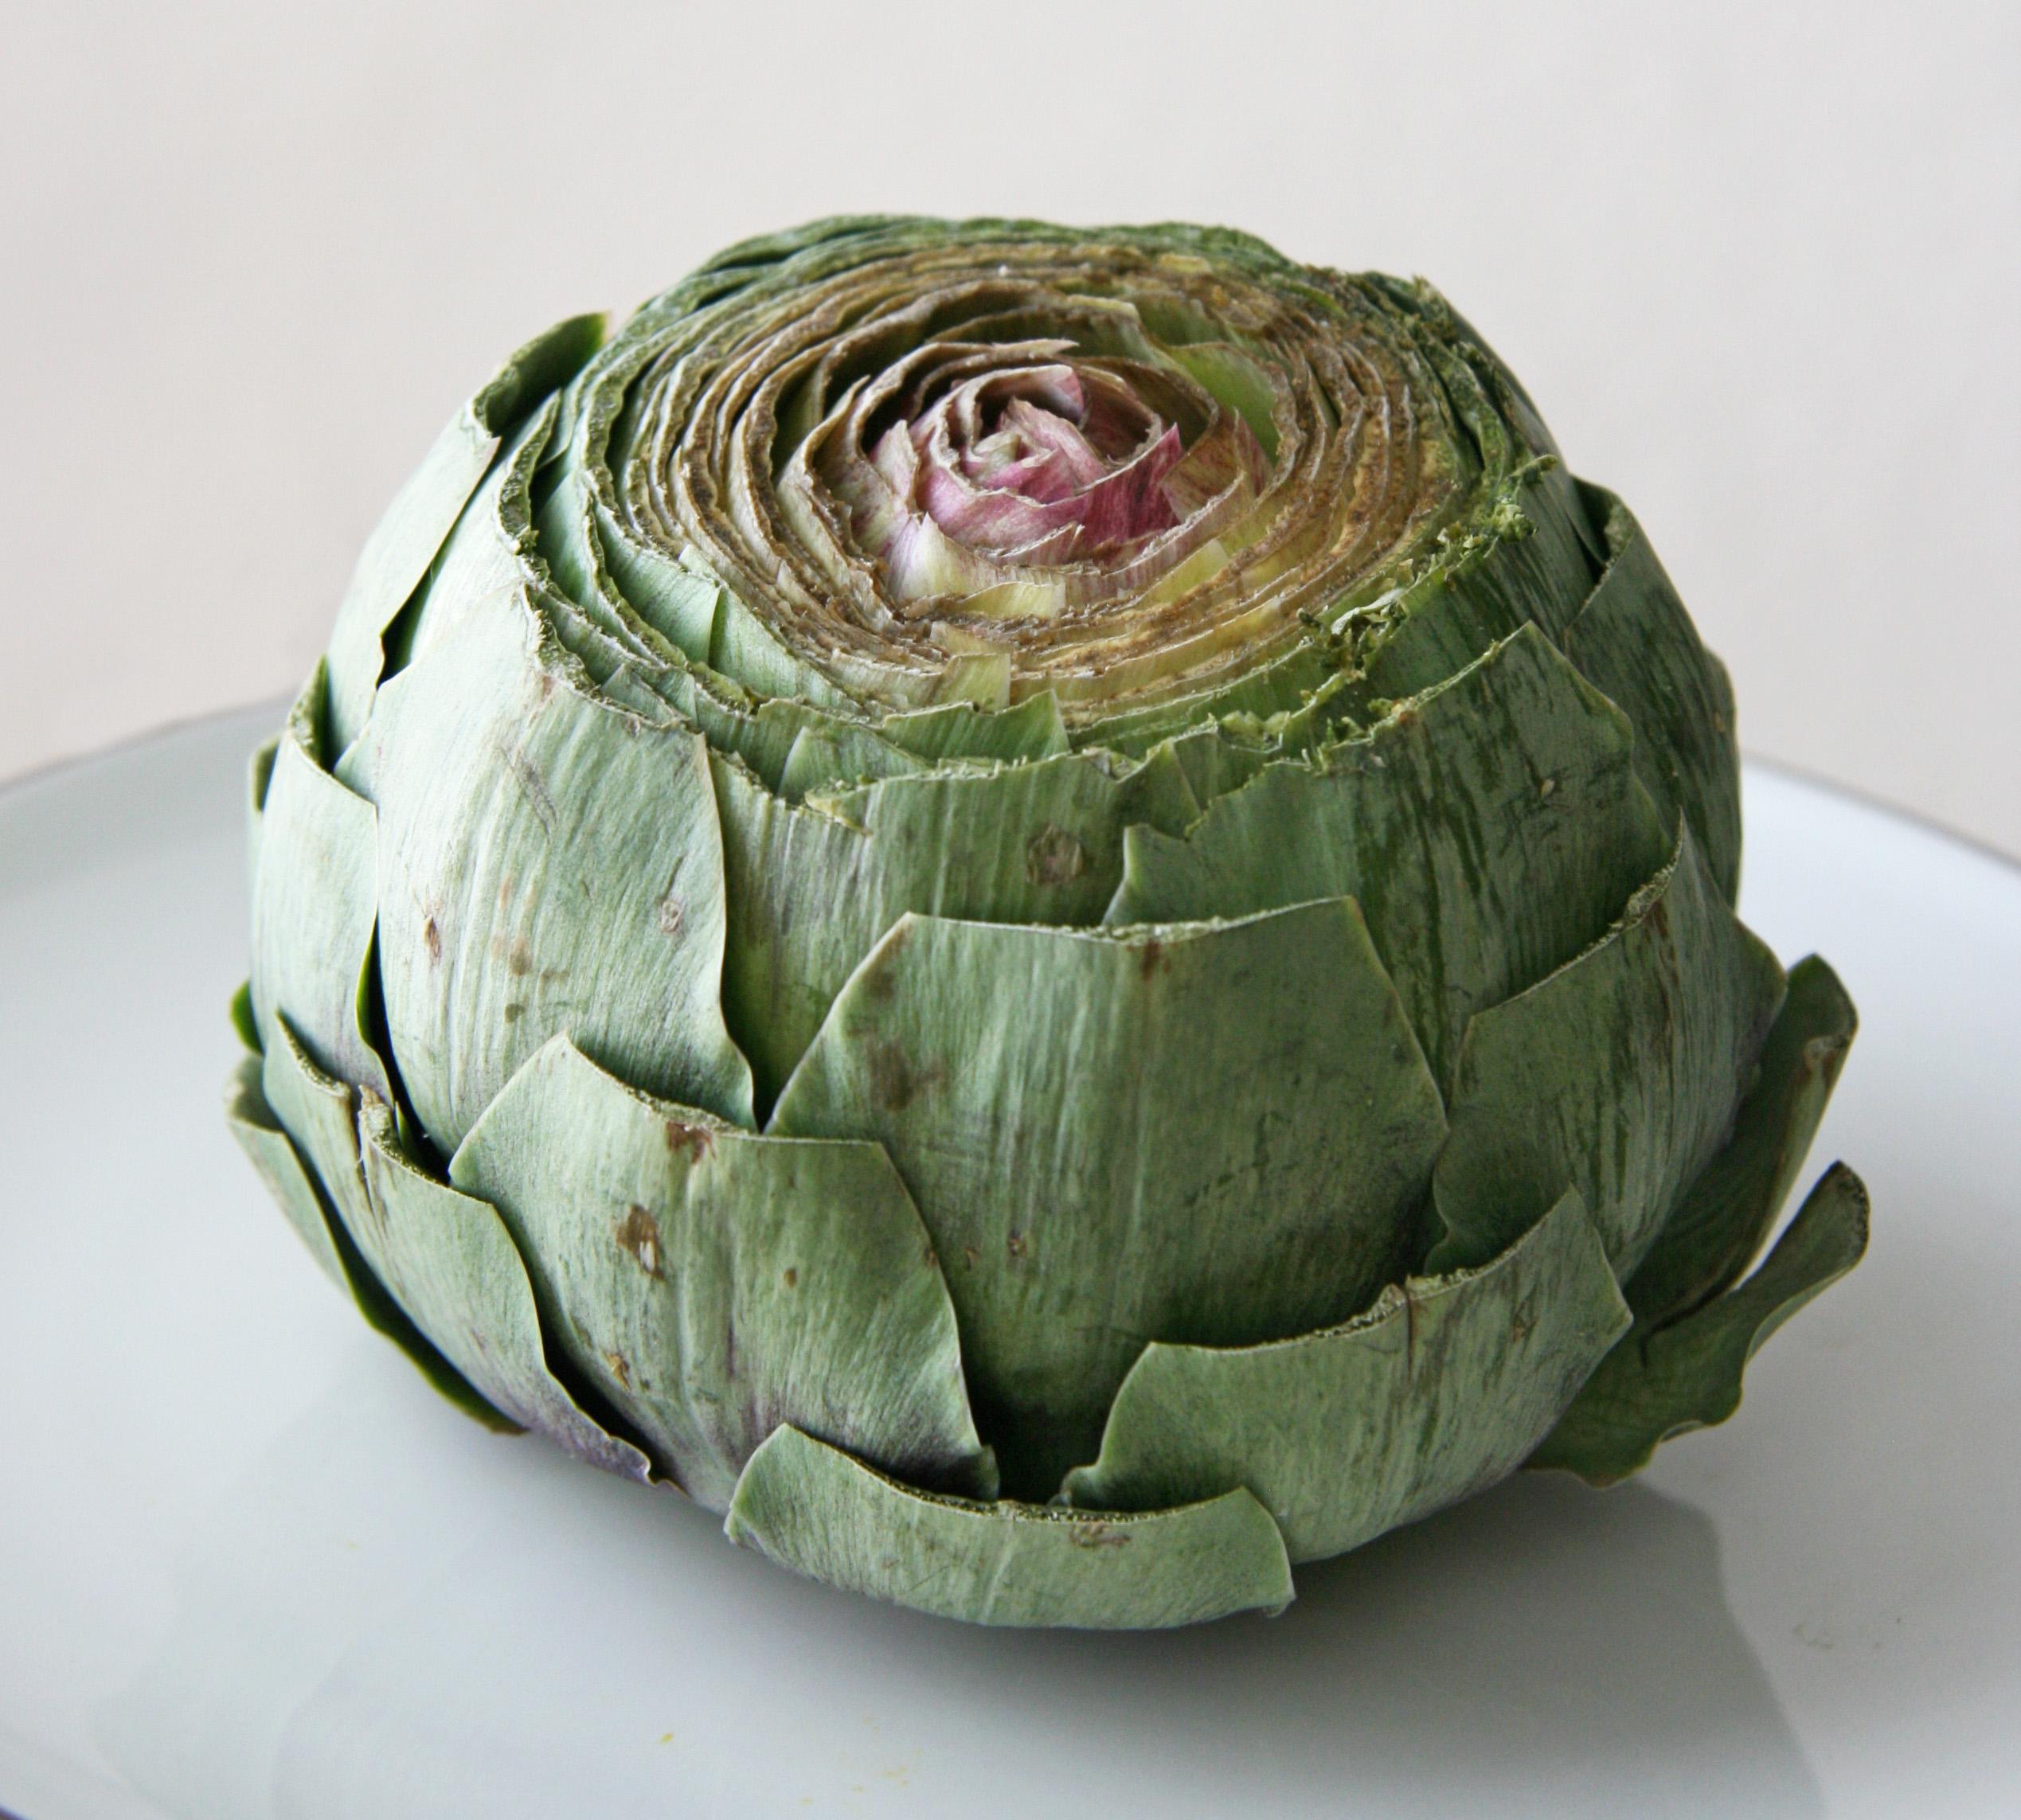 artichoke-cut